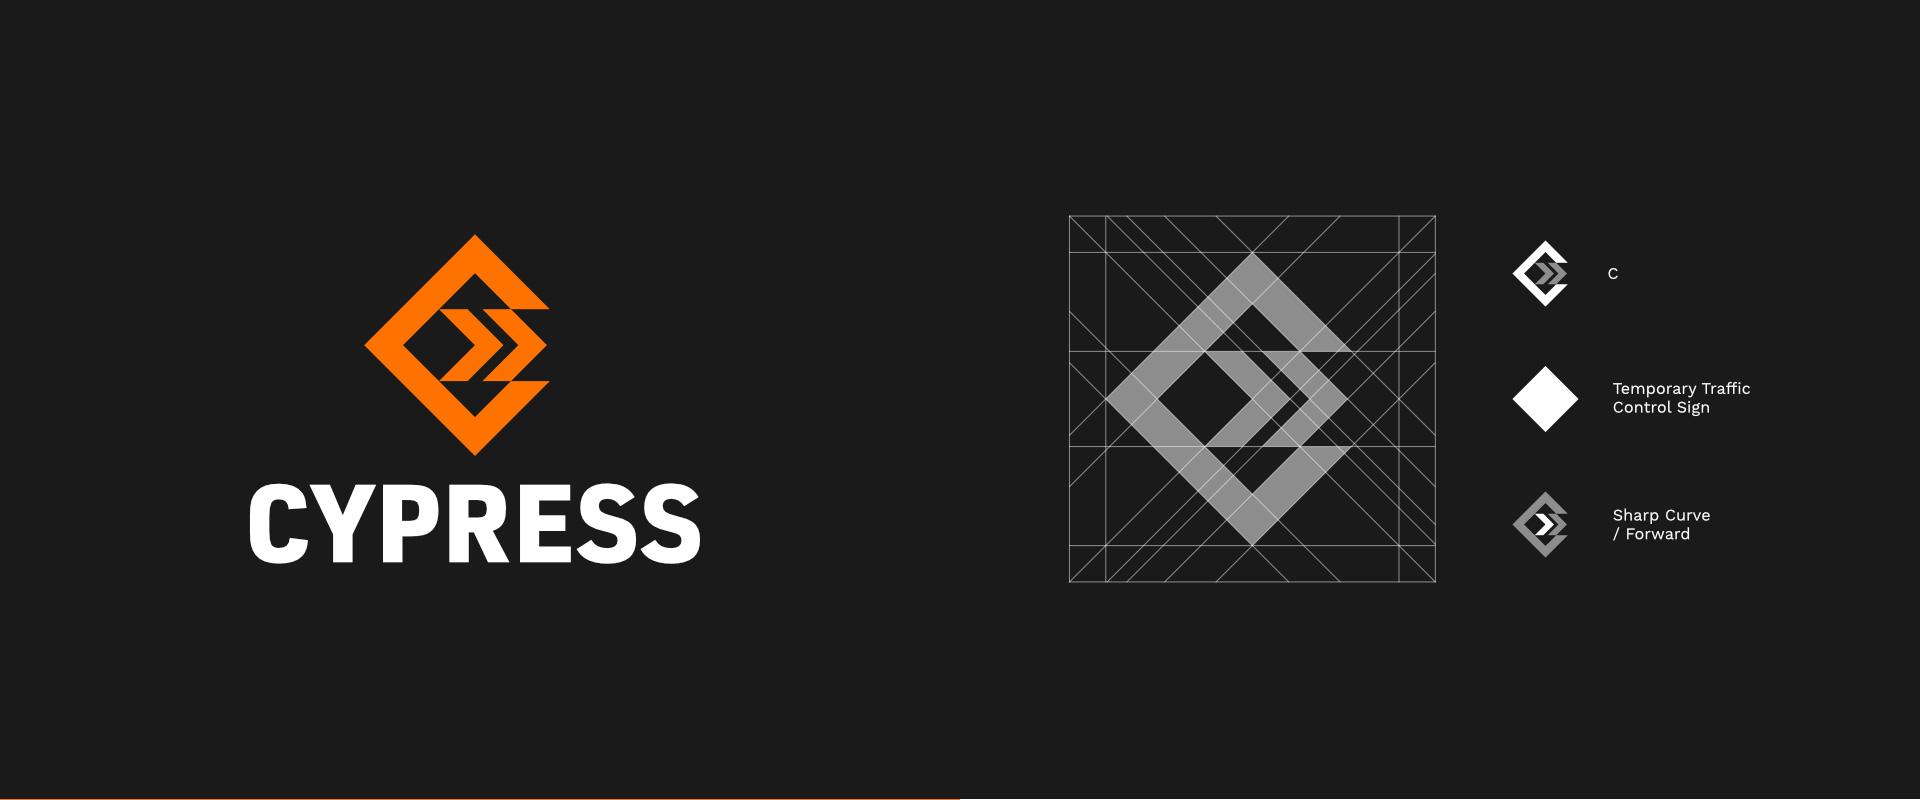 Cypress Safety - Grid